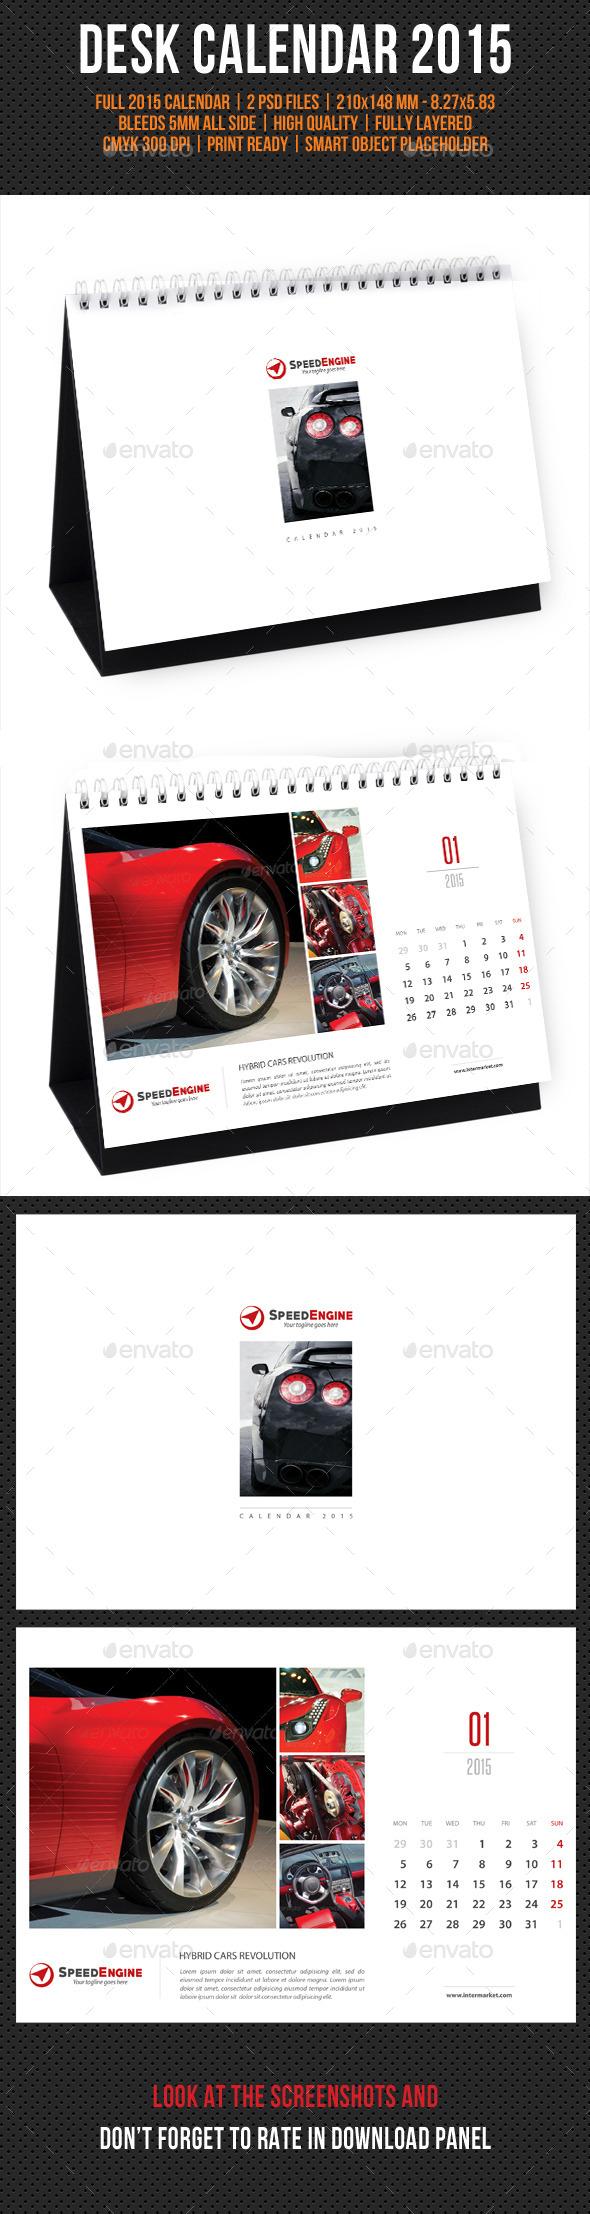 GraphicRiver Creative Desk Calendar 2015 V02 9588247